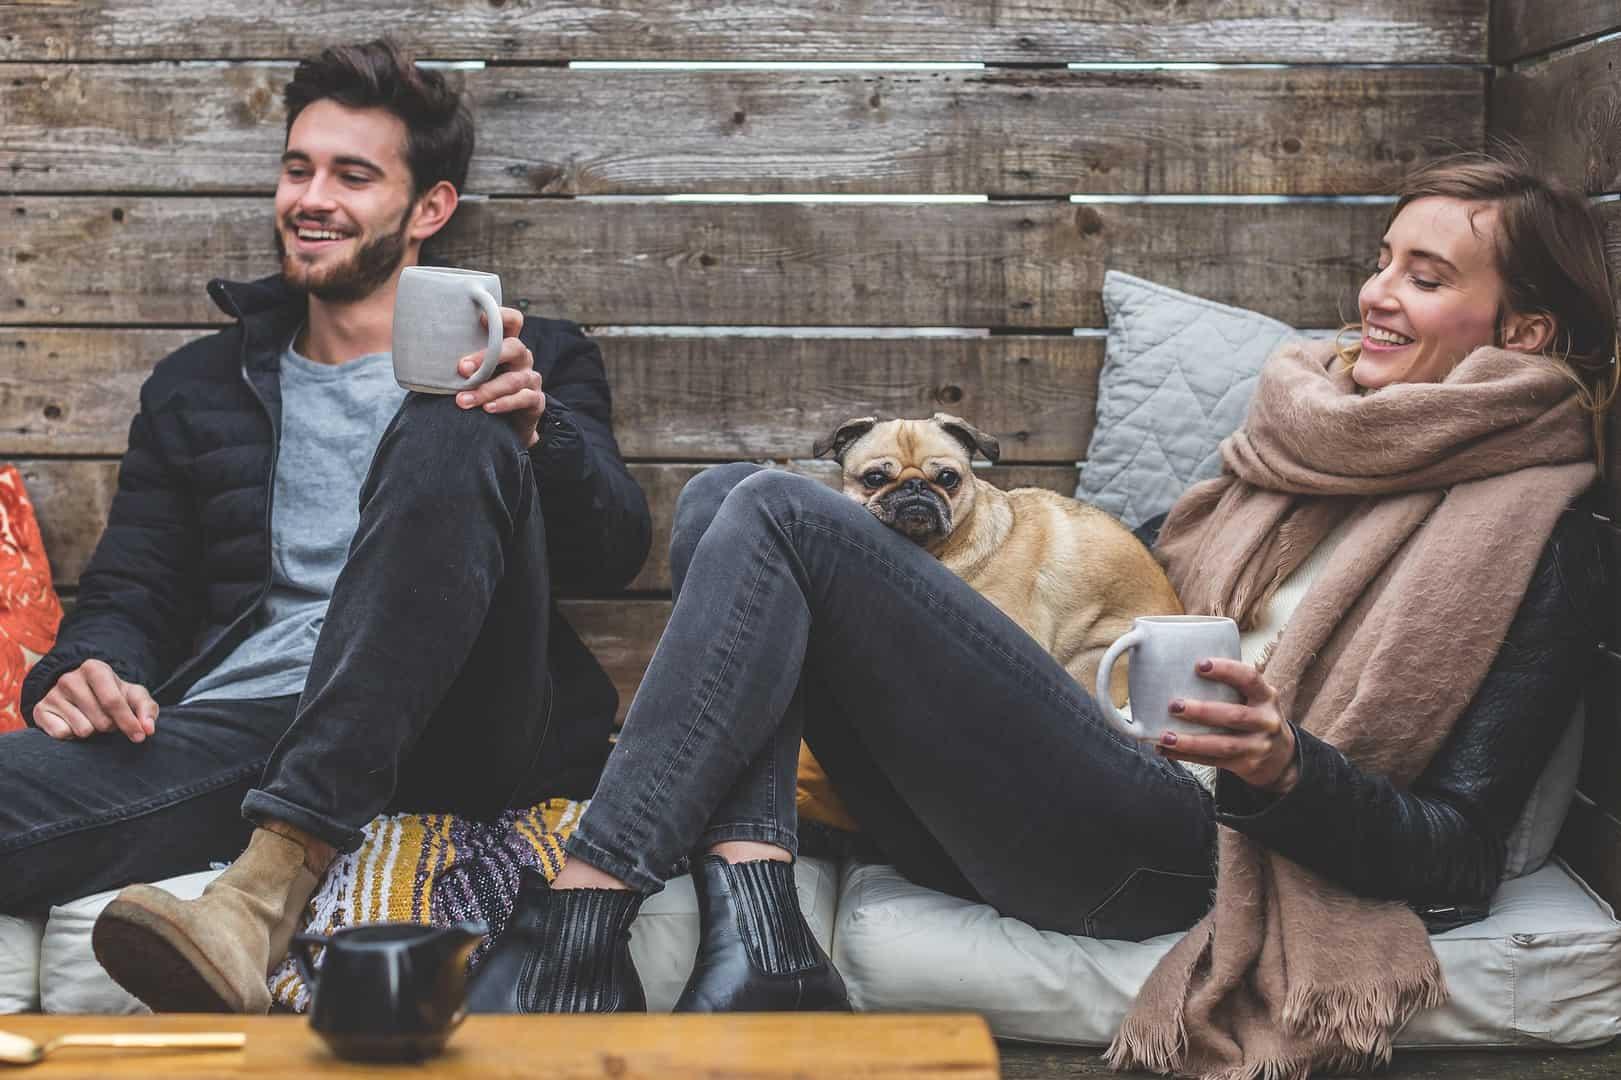 Czy pracodawca może zwolnić za romans w pracy?